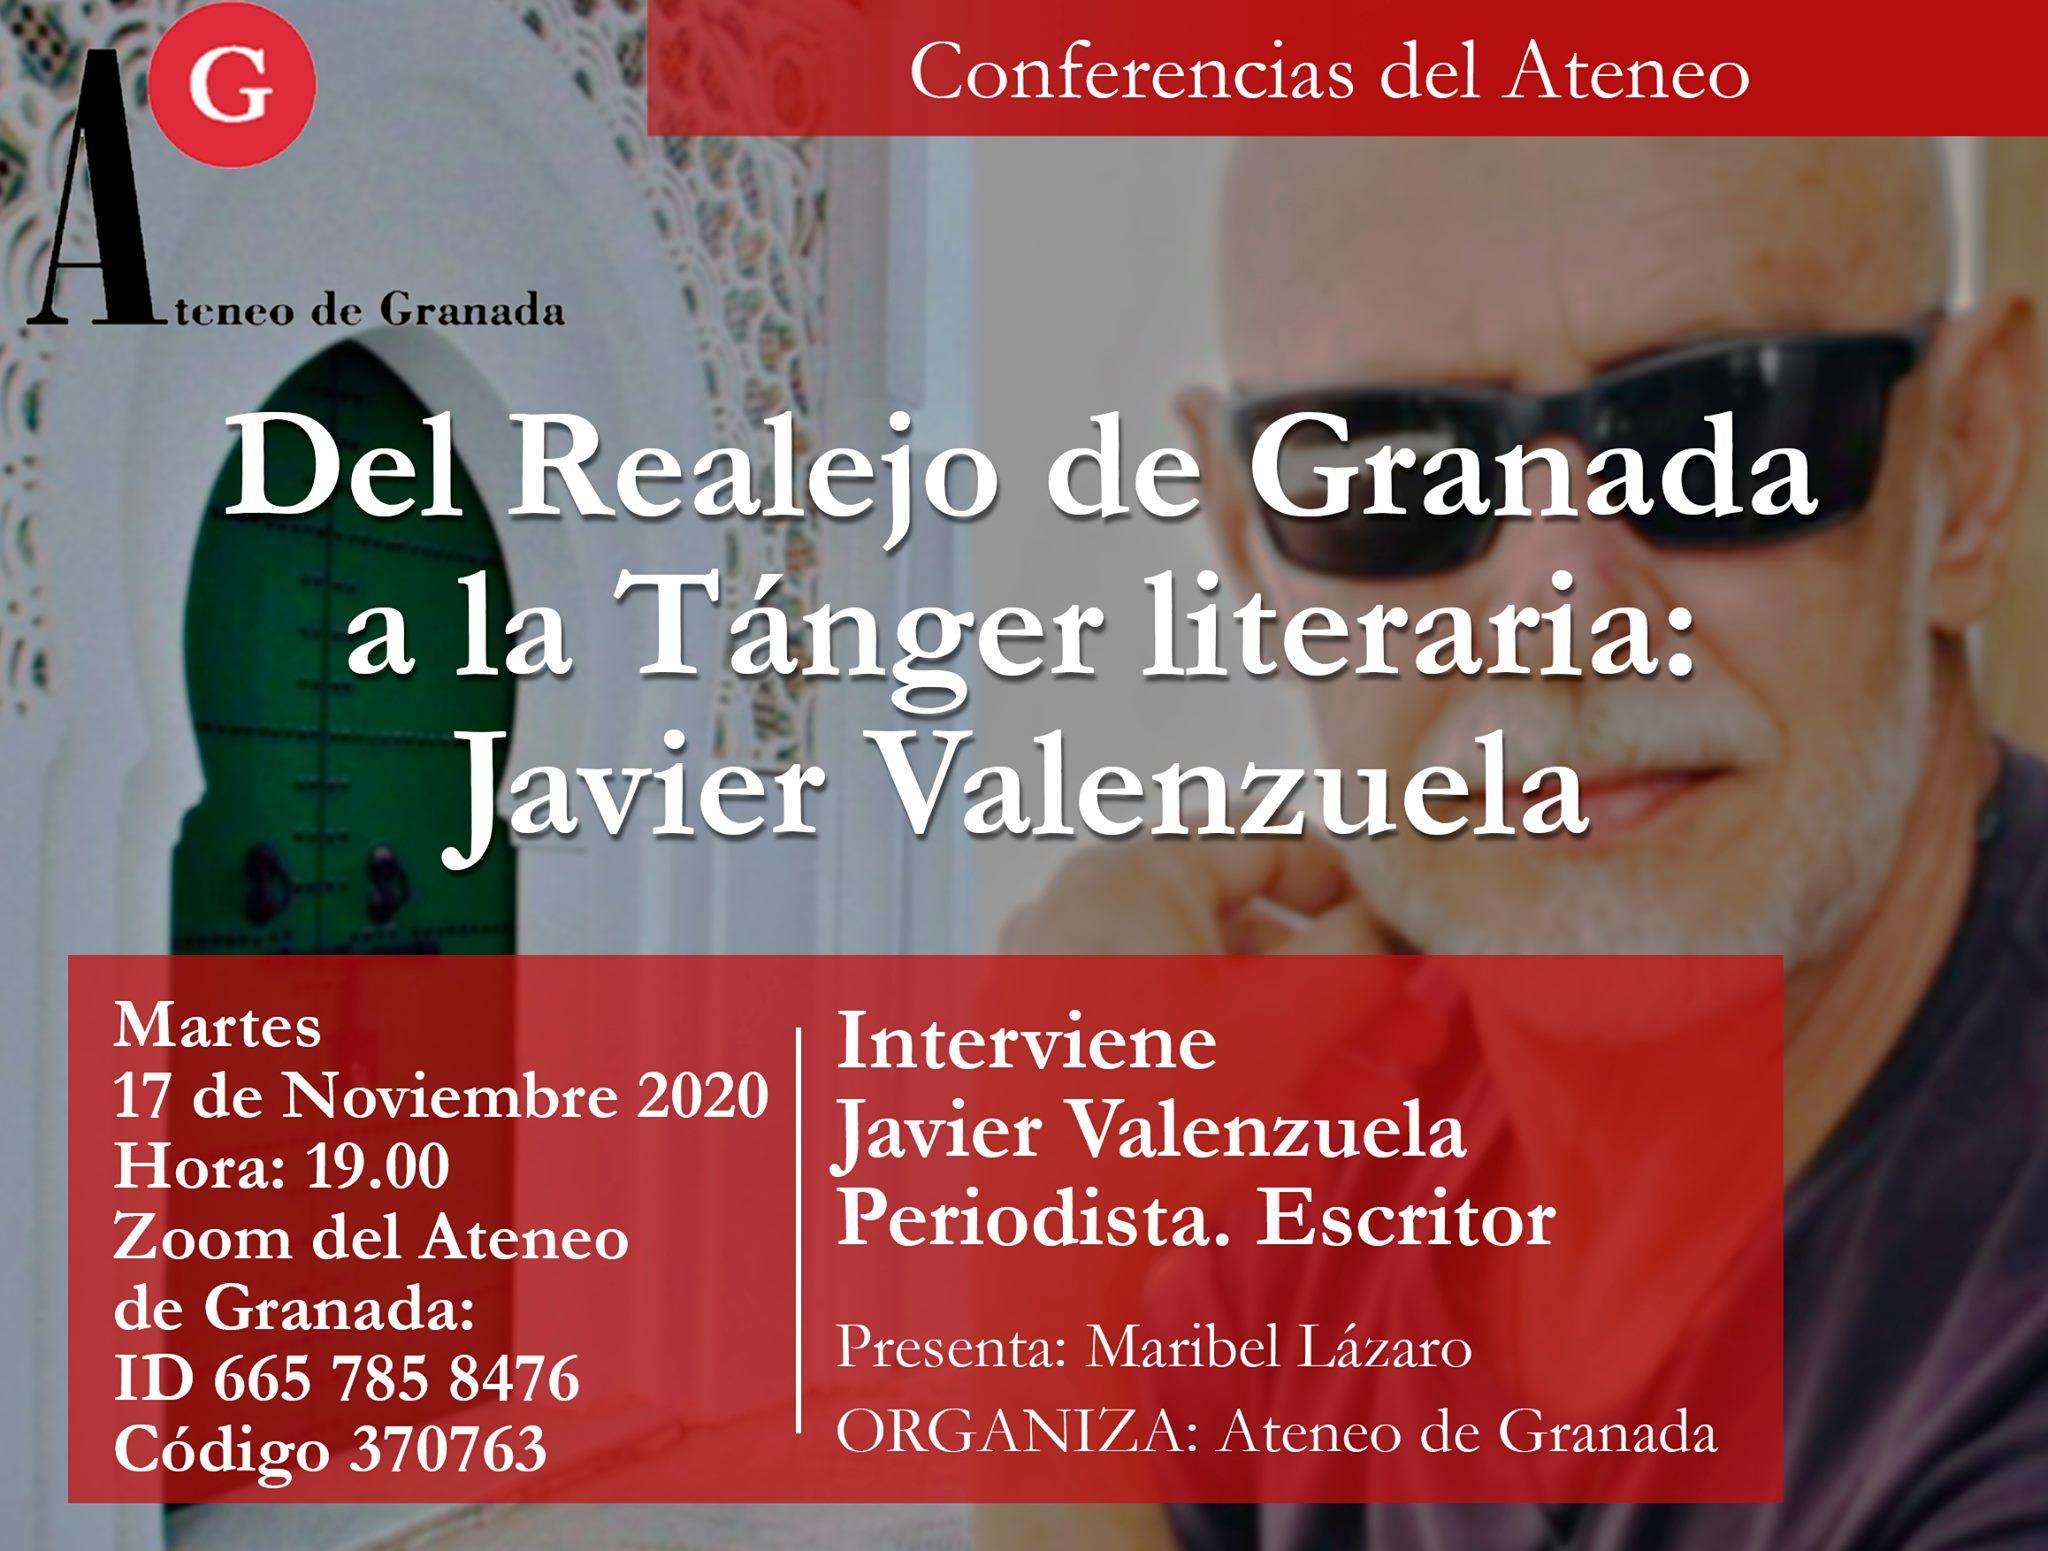 Conferencia: Del Realejo de Granada a la Tánger Literaria. Javier Valenzuela